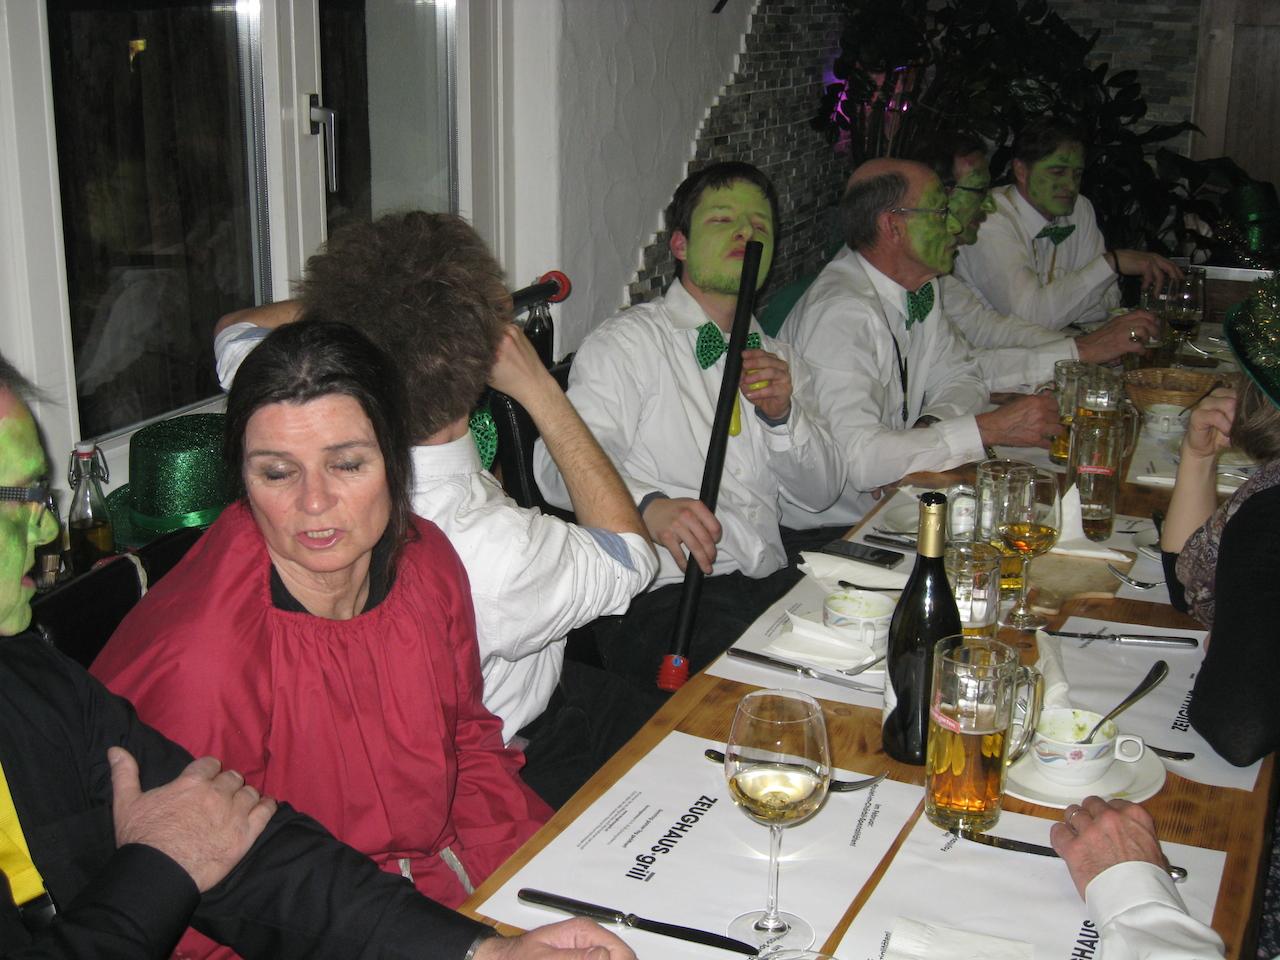 2014-02-27-Fasnacht-50-Jahre-Wurstkranz-043